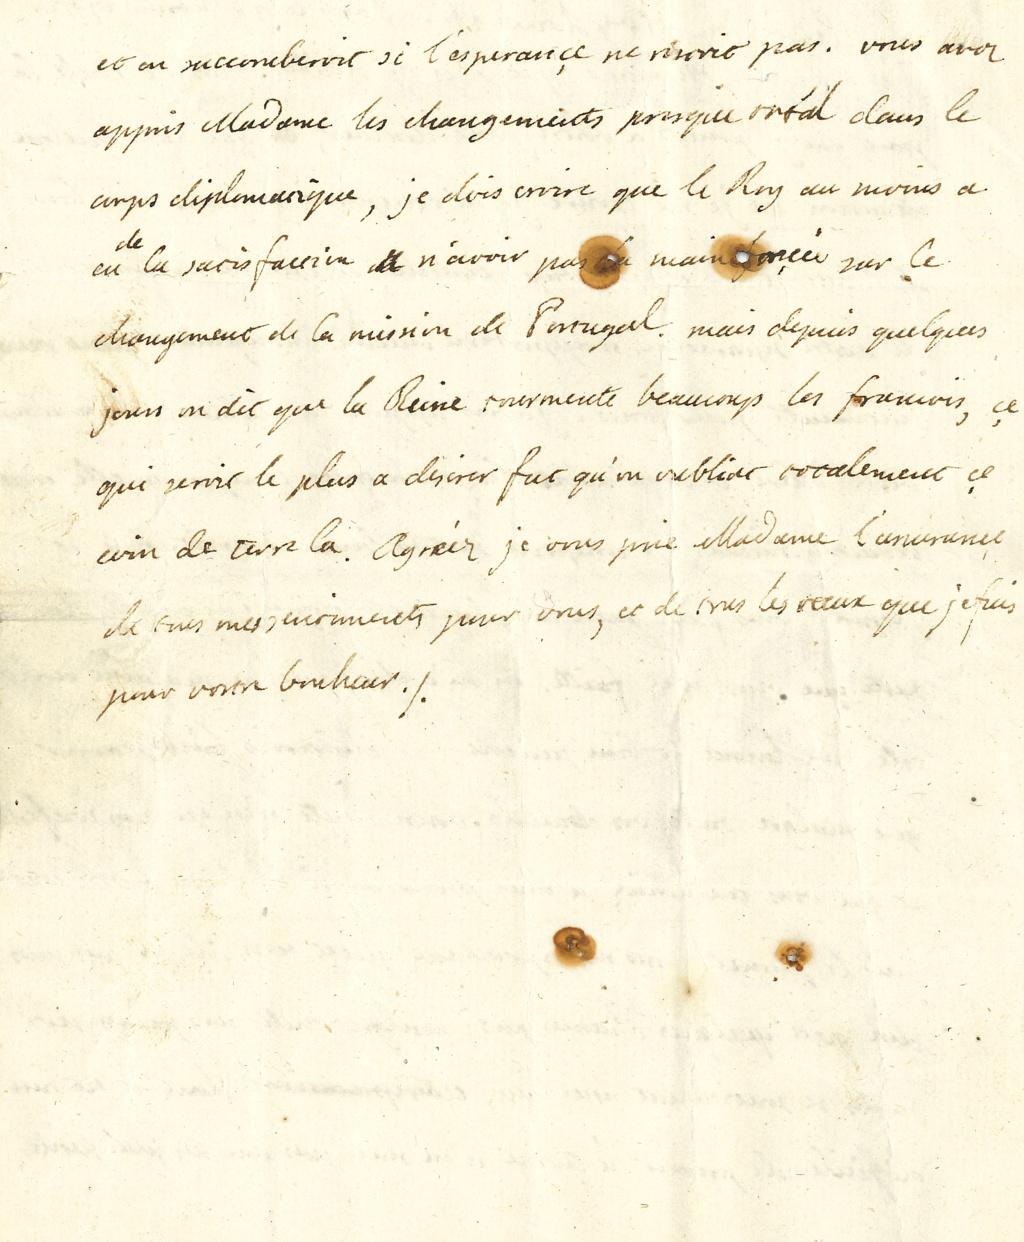 La Collection Aristophil - Lettres et documents importants 15523812